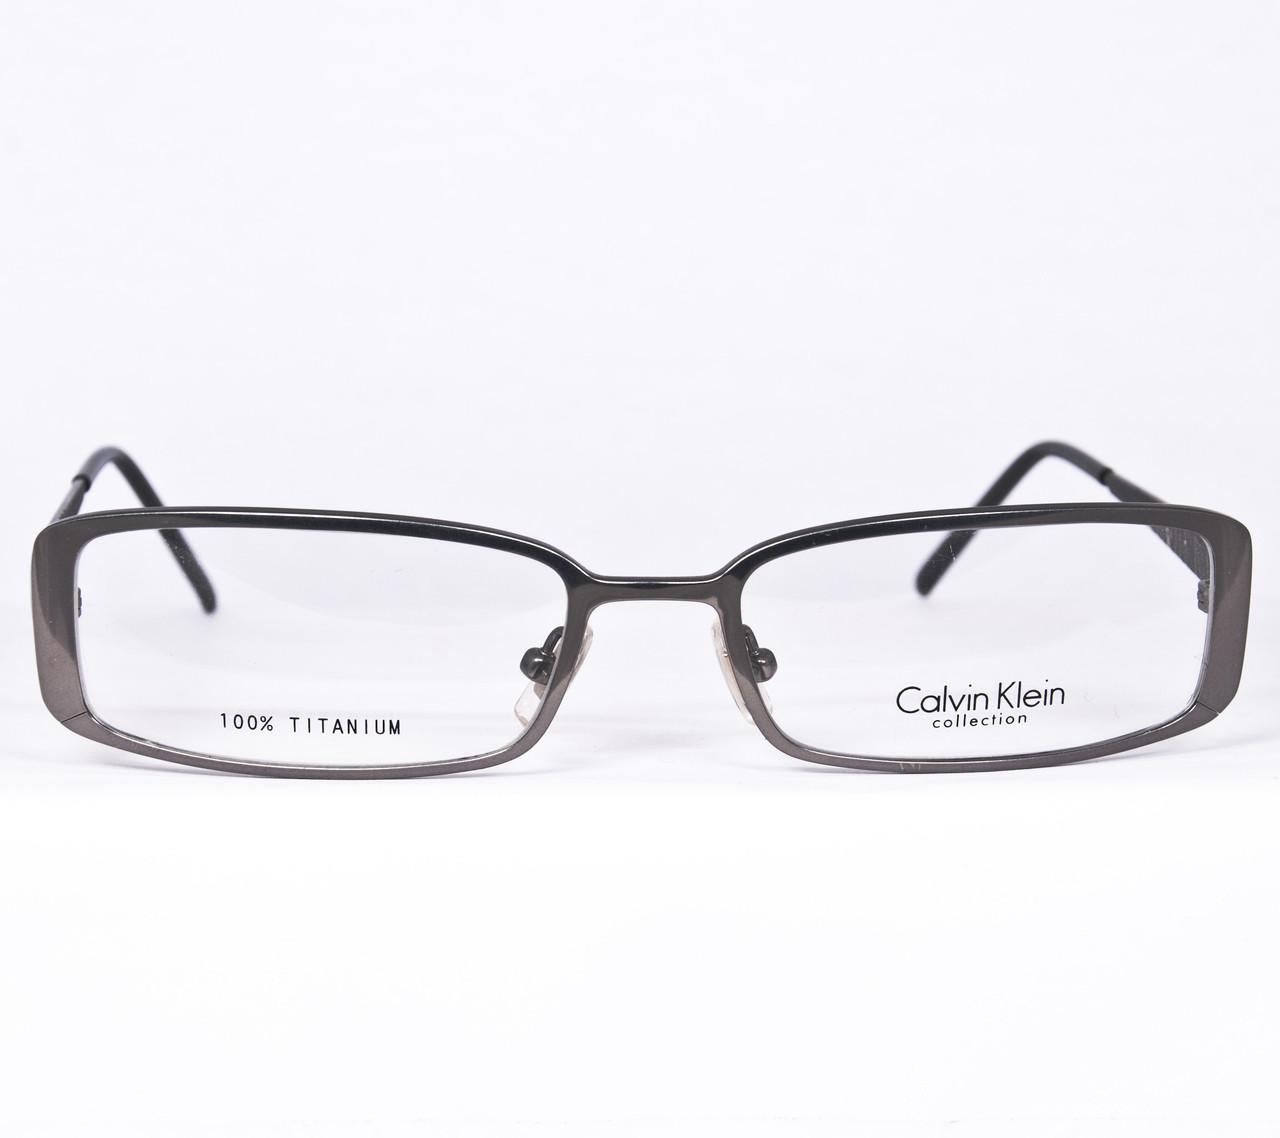 Оправа Calvin Klein 512  Титан